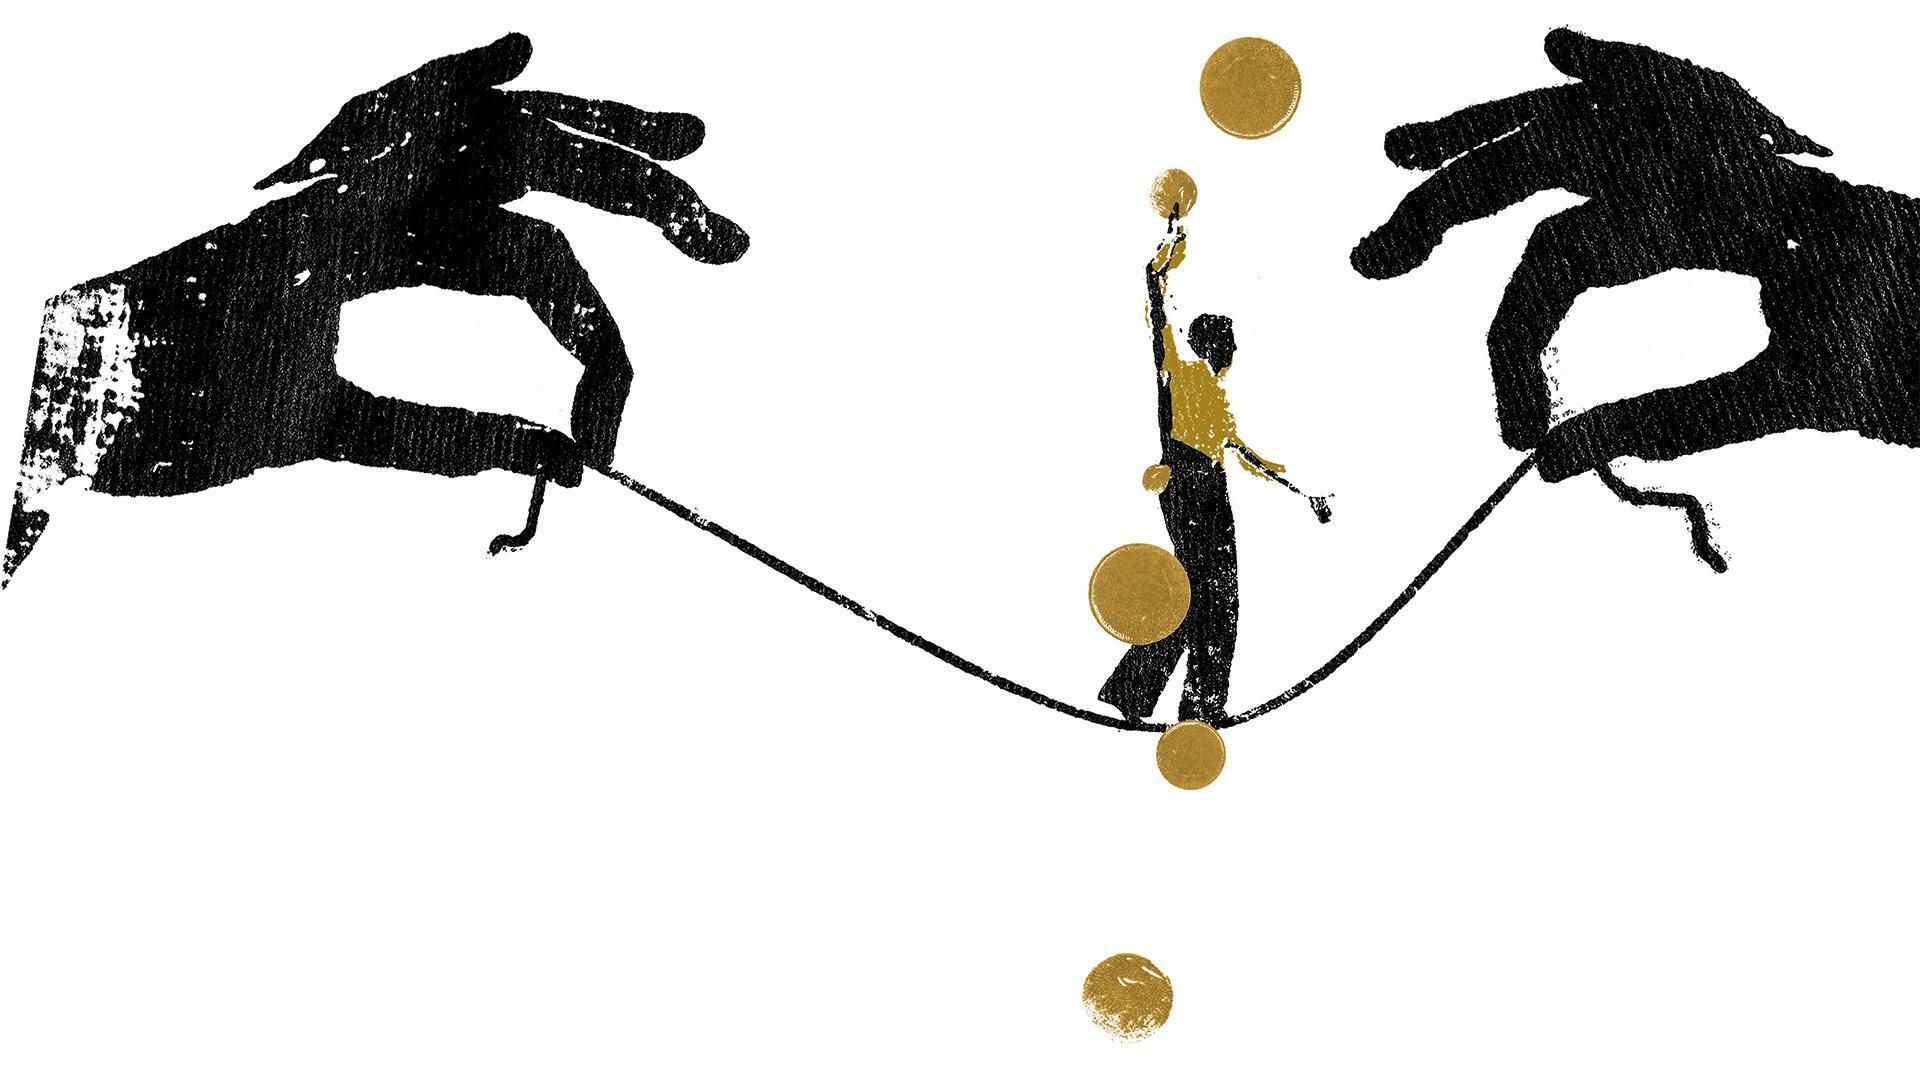 goldman sachs investiert in bitcoin so bleibt man reich getty